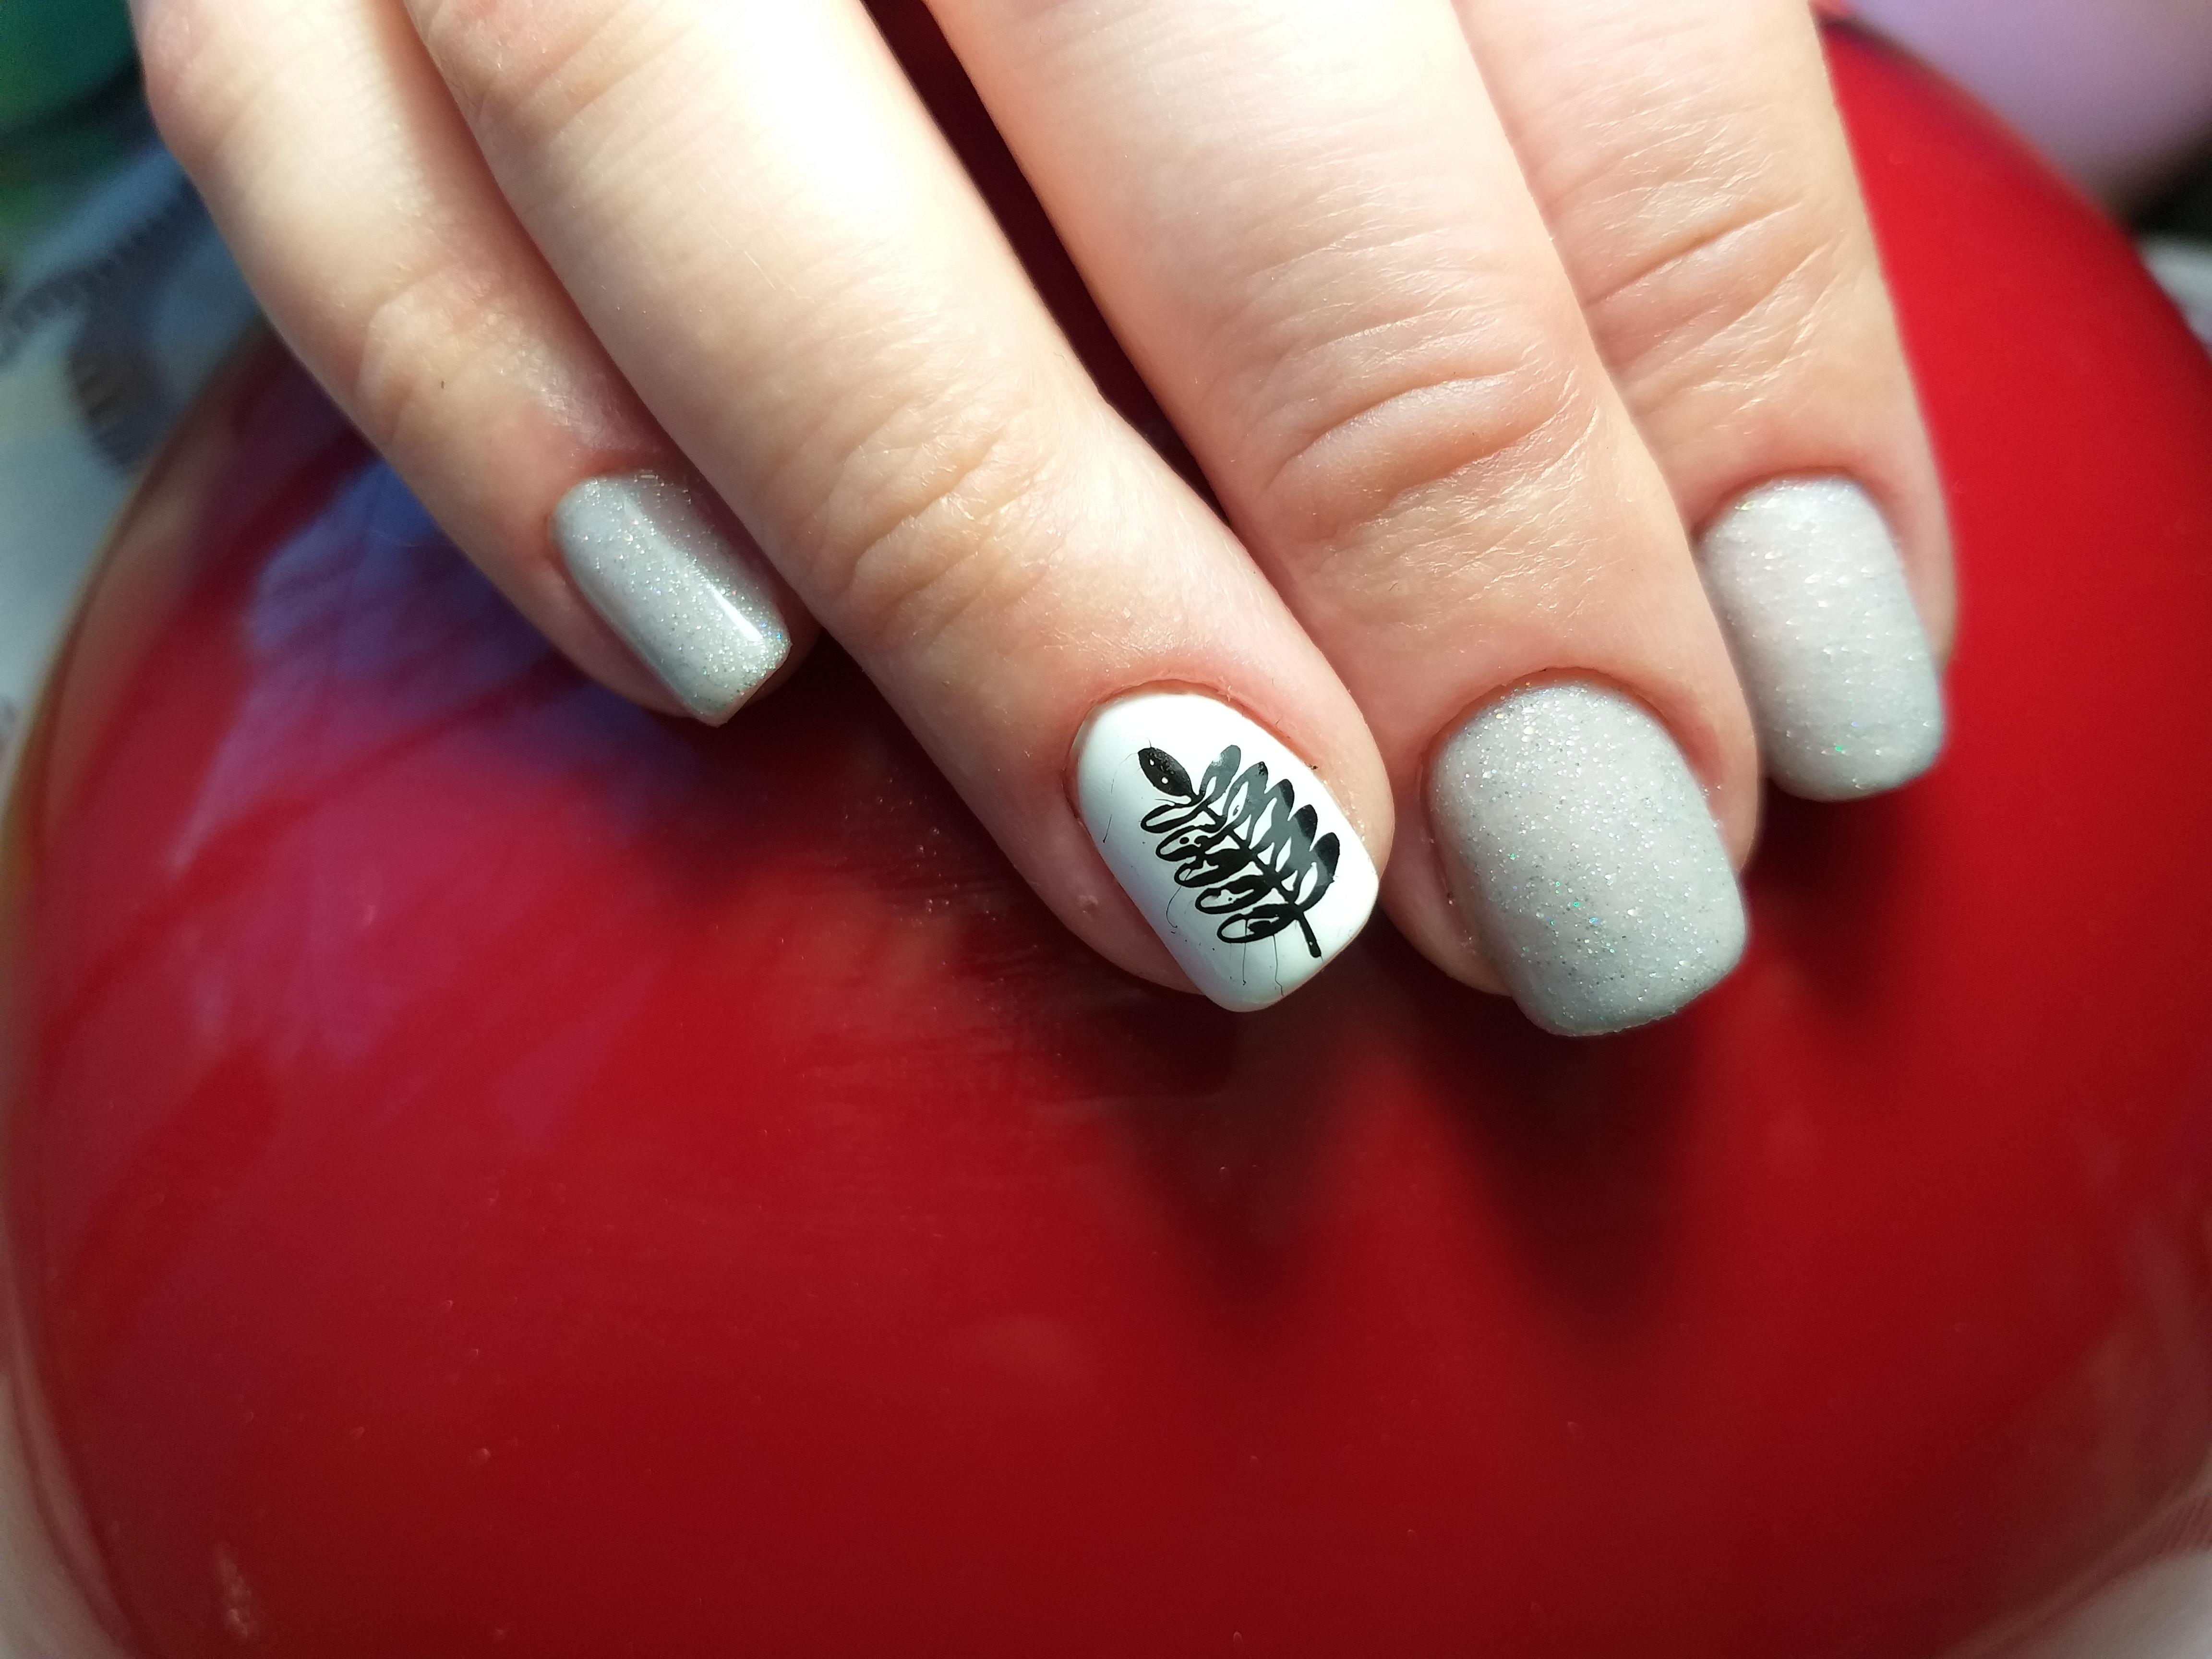 Маникюр с блестками и растительным слайдером в сером цвете на короткие ногти.